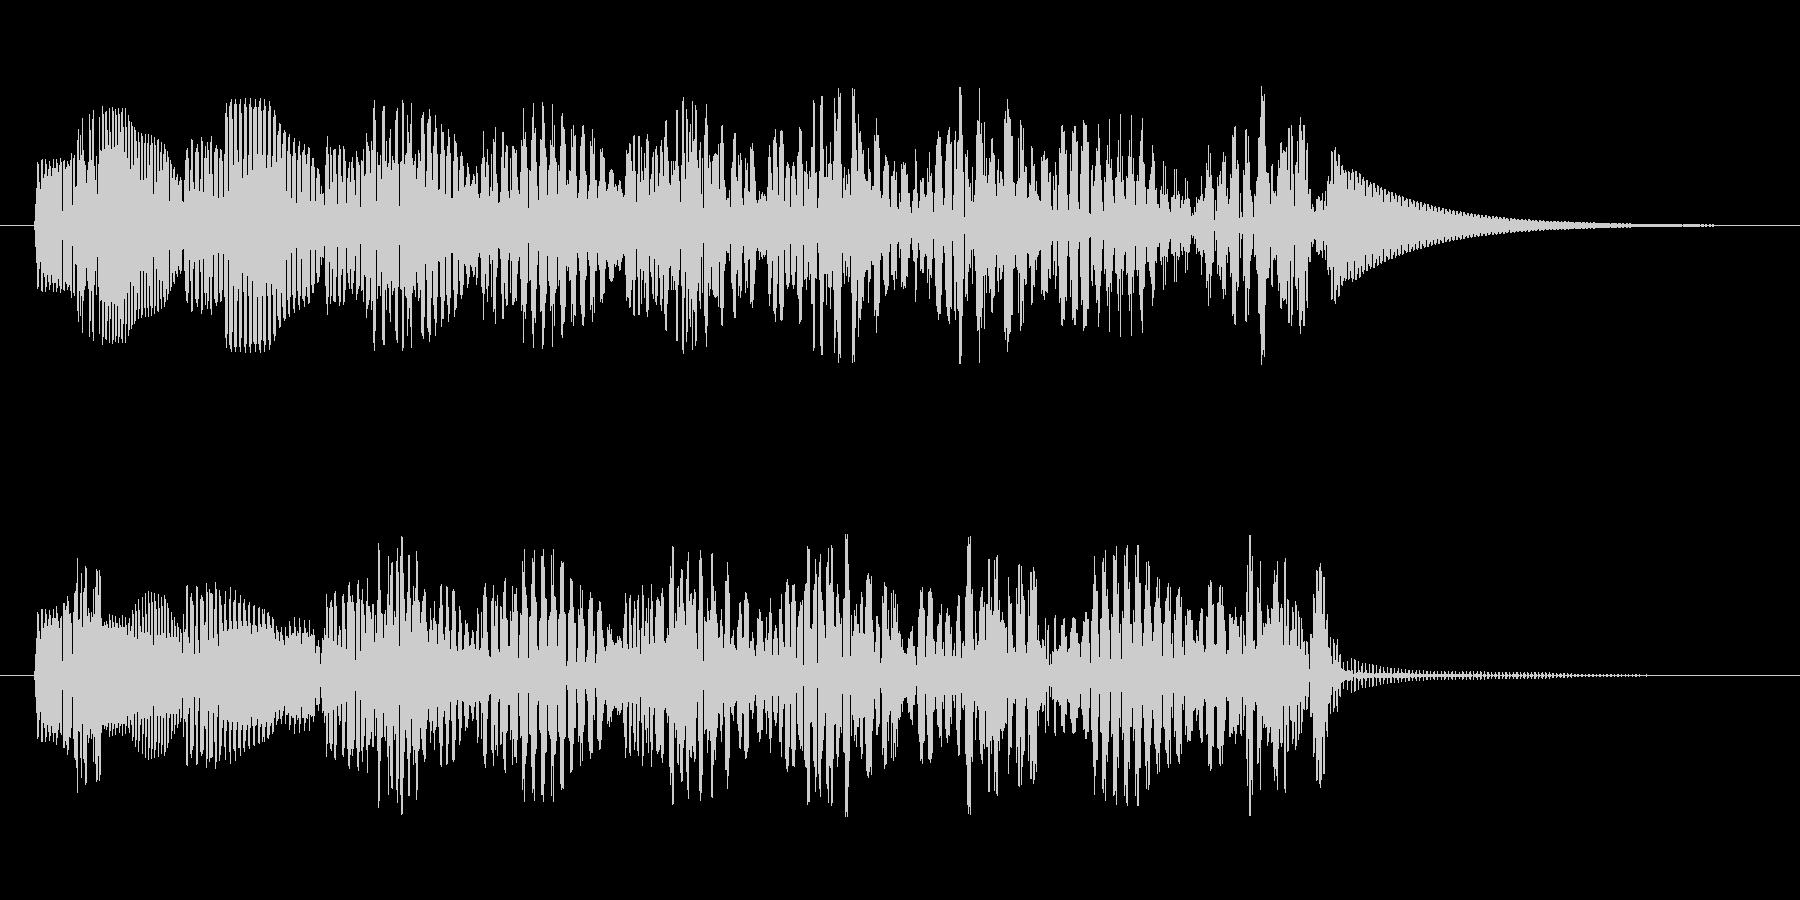 効果音的なワンポイント音です。の未再生の波形